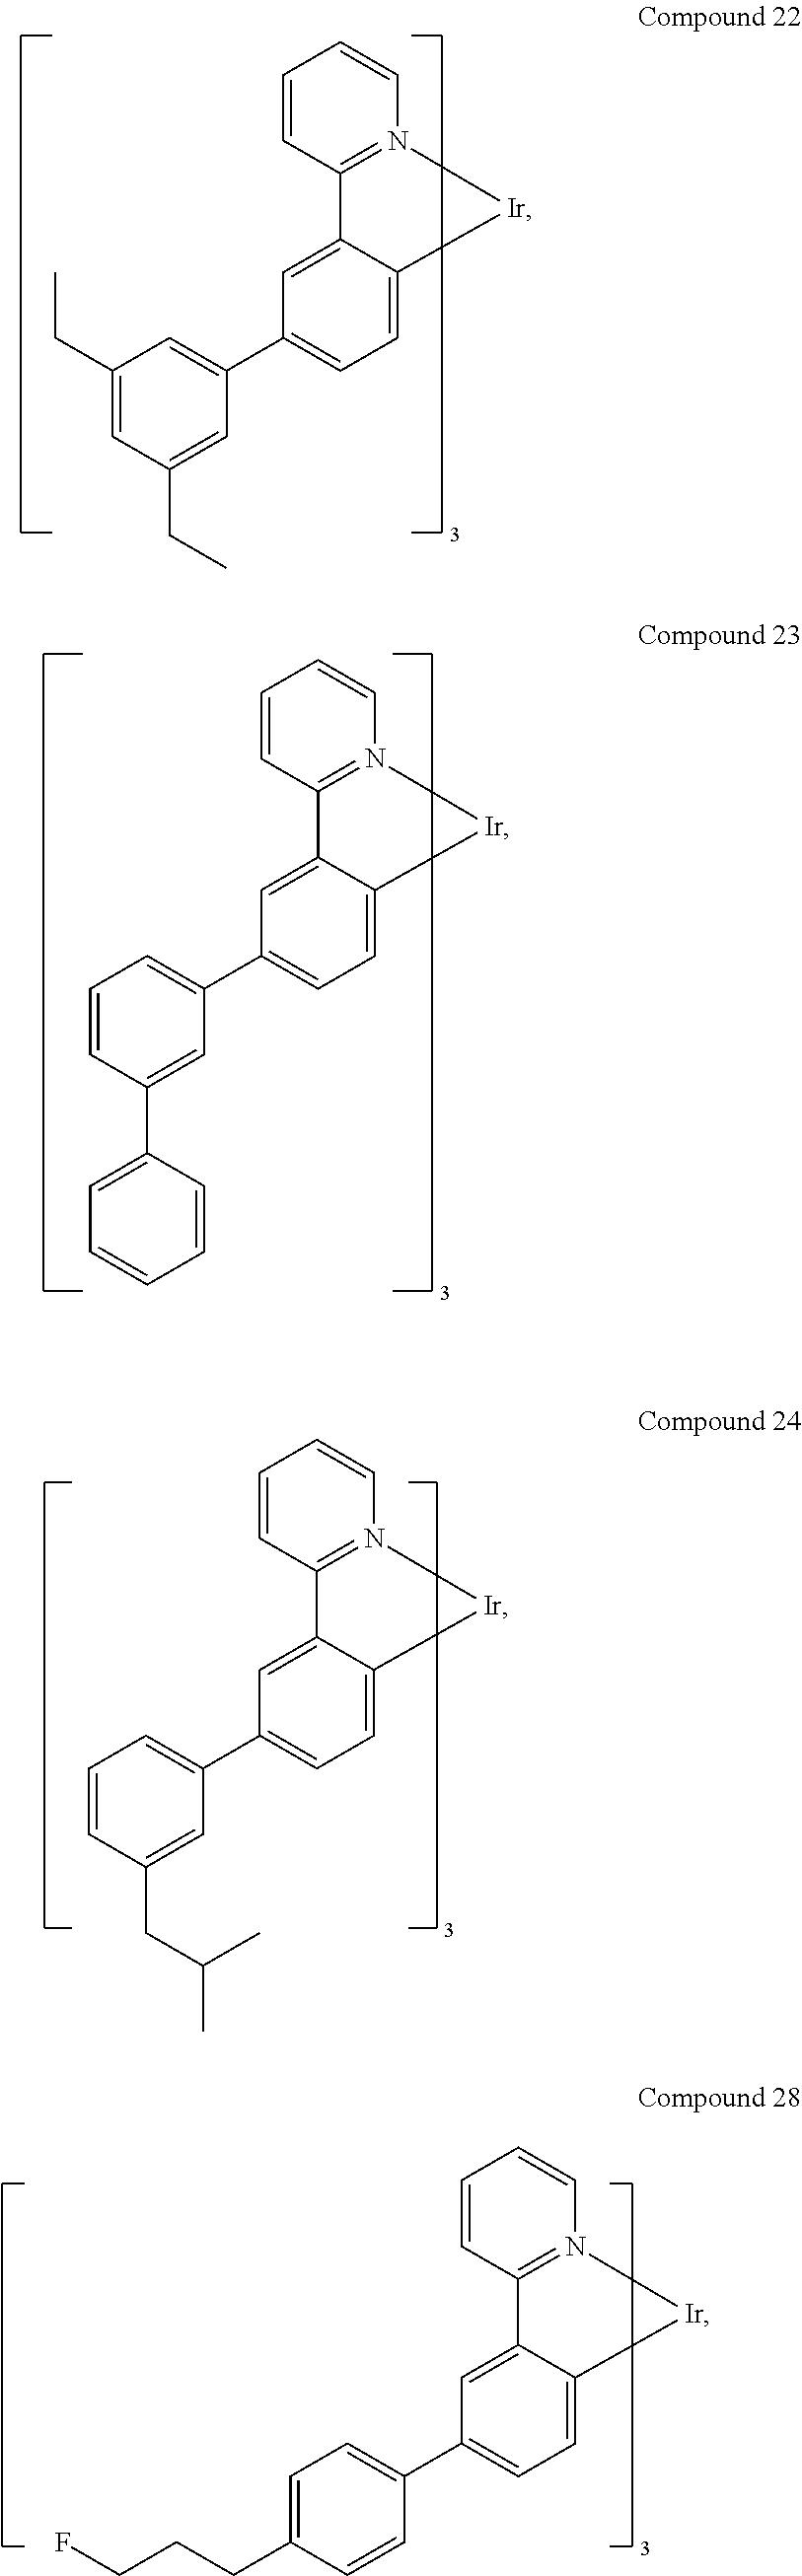 Figure US09899612-20180220-C00180